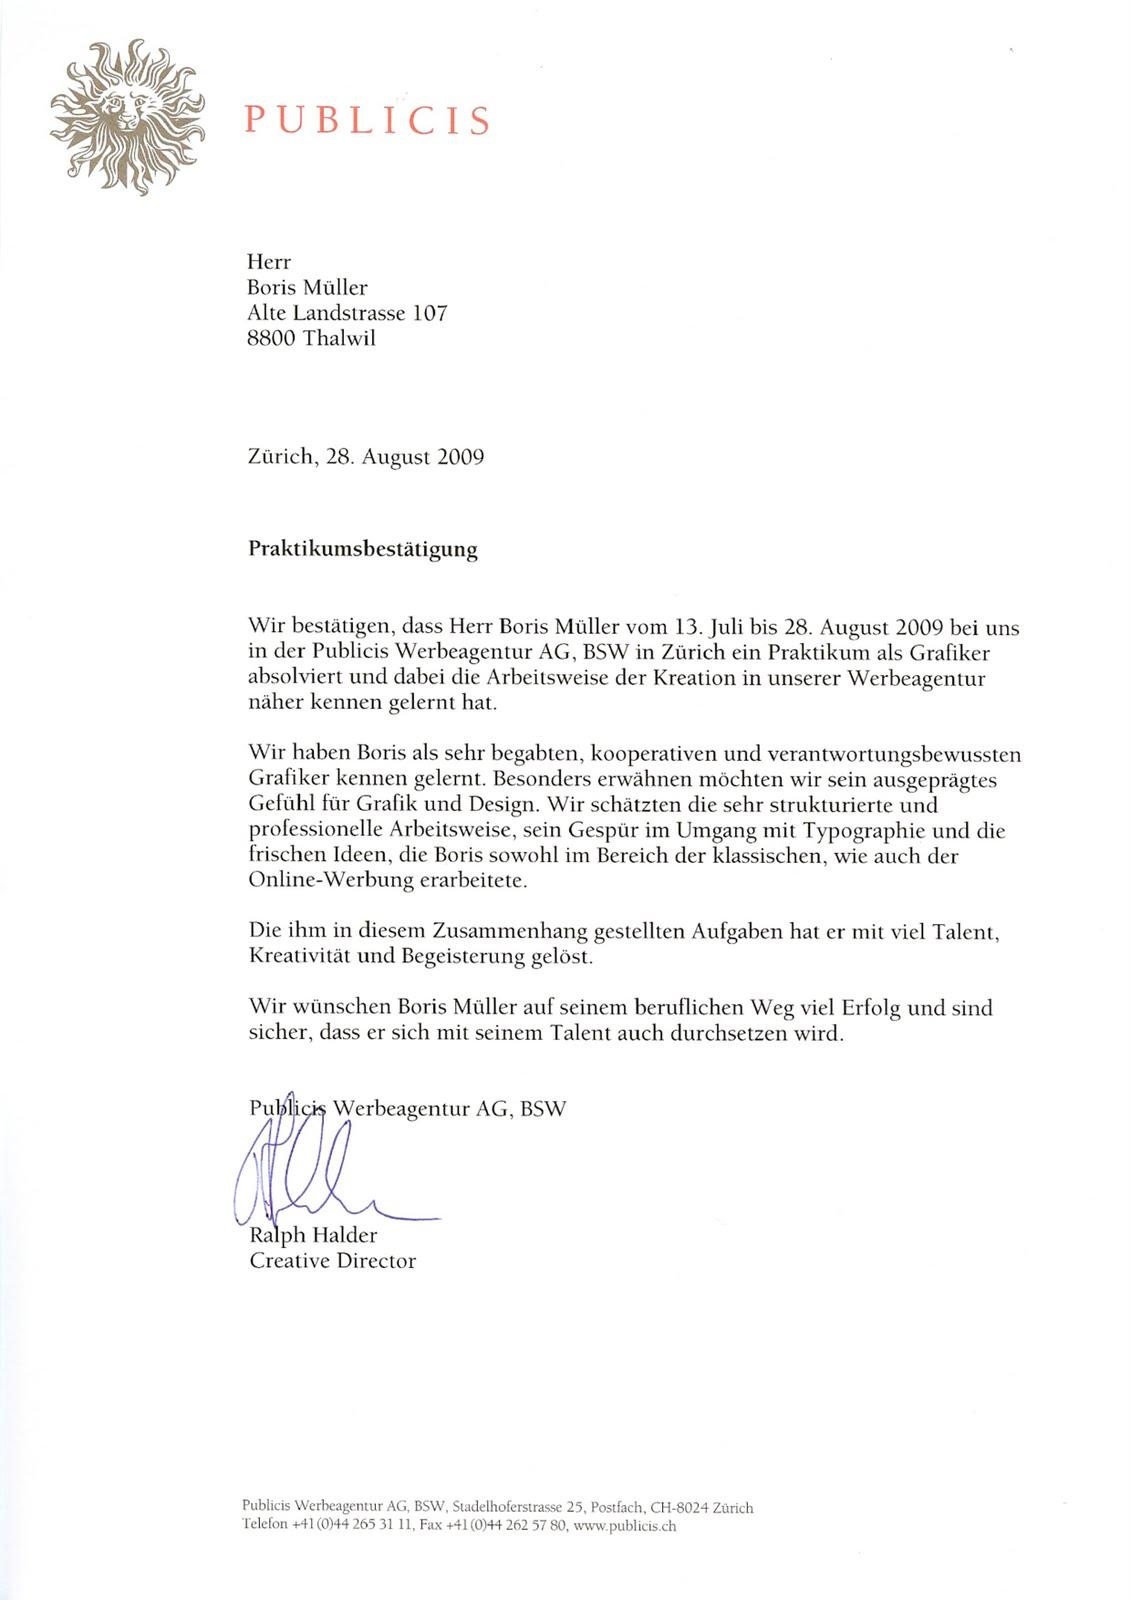 work: Publicis Letter